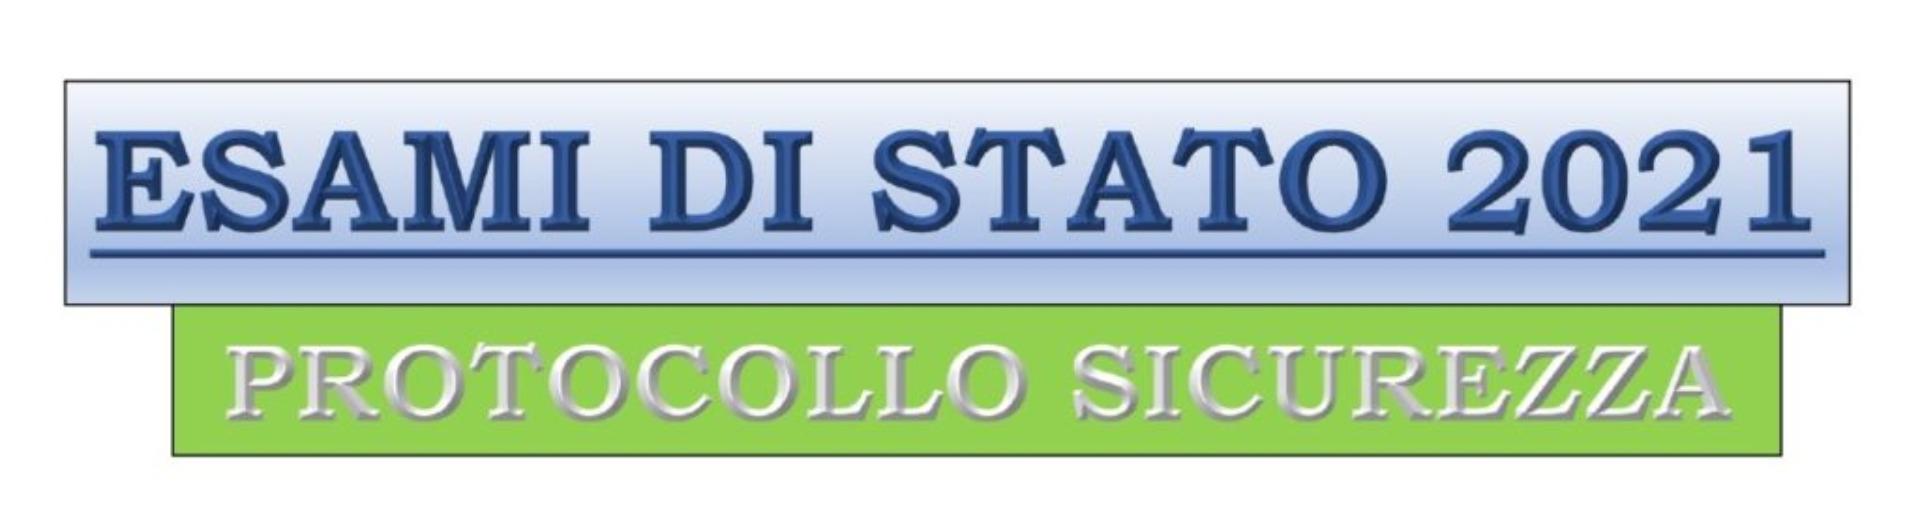 PROTOCOLLO DI SICUREZZA COVID-19 PER ESAMI CONCLUSIVI DI STATO A.S. 2020/2021